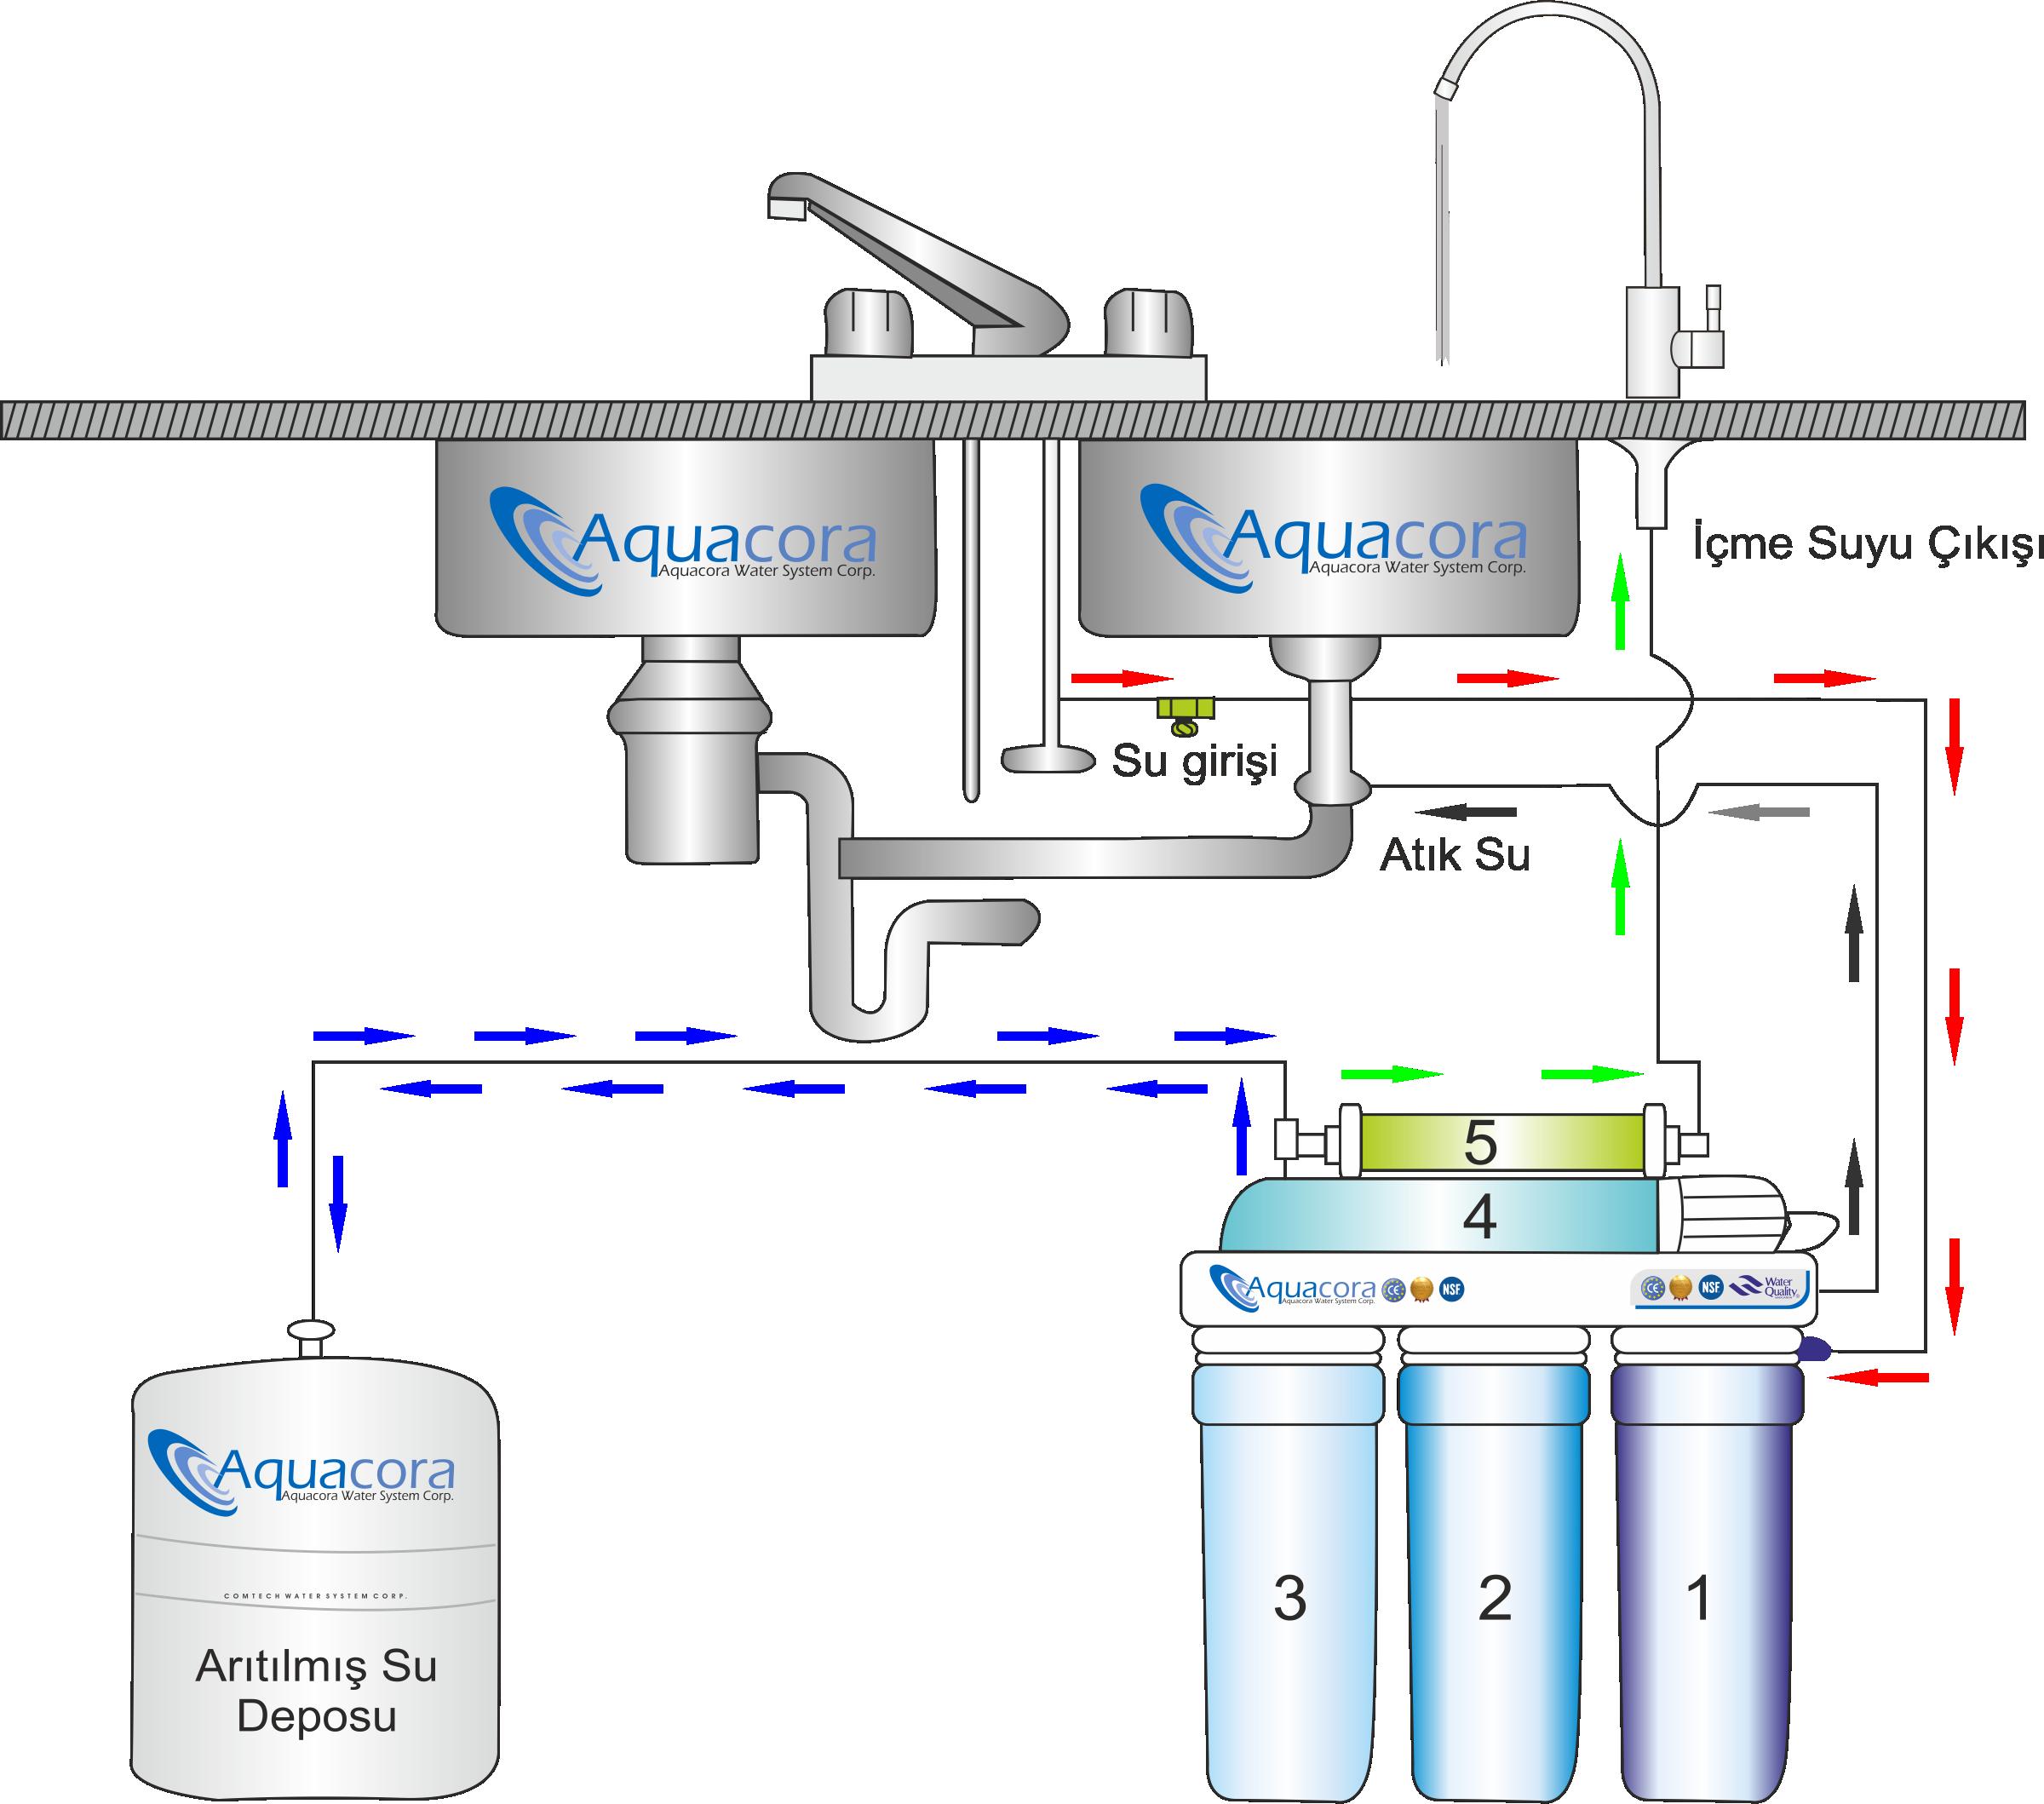 su arıtma cihazı montaj anlatım cizimi